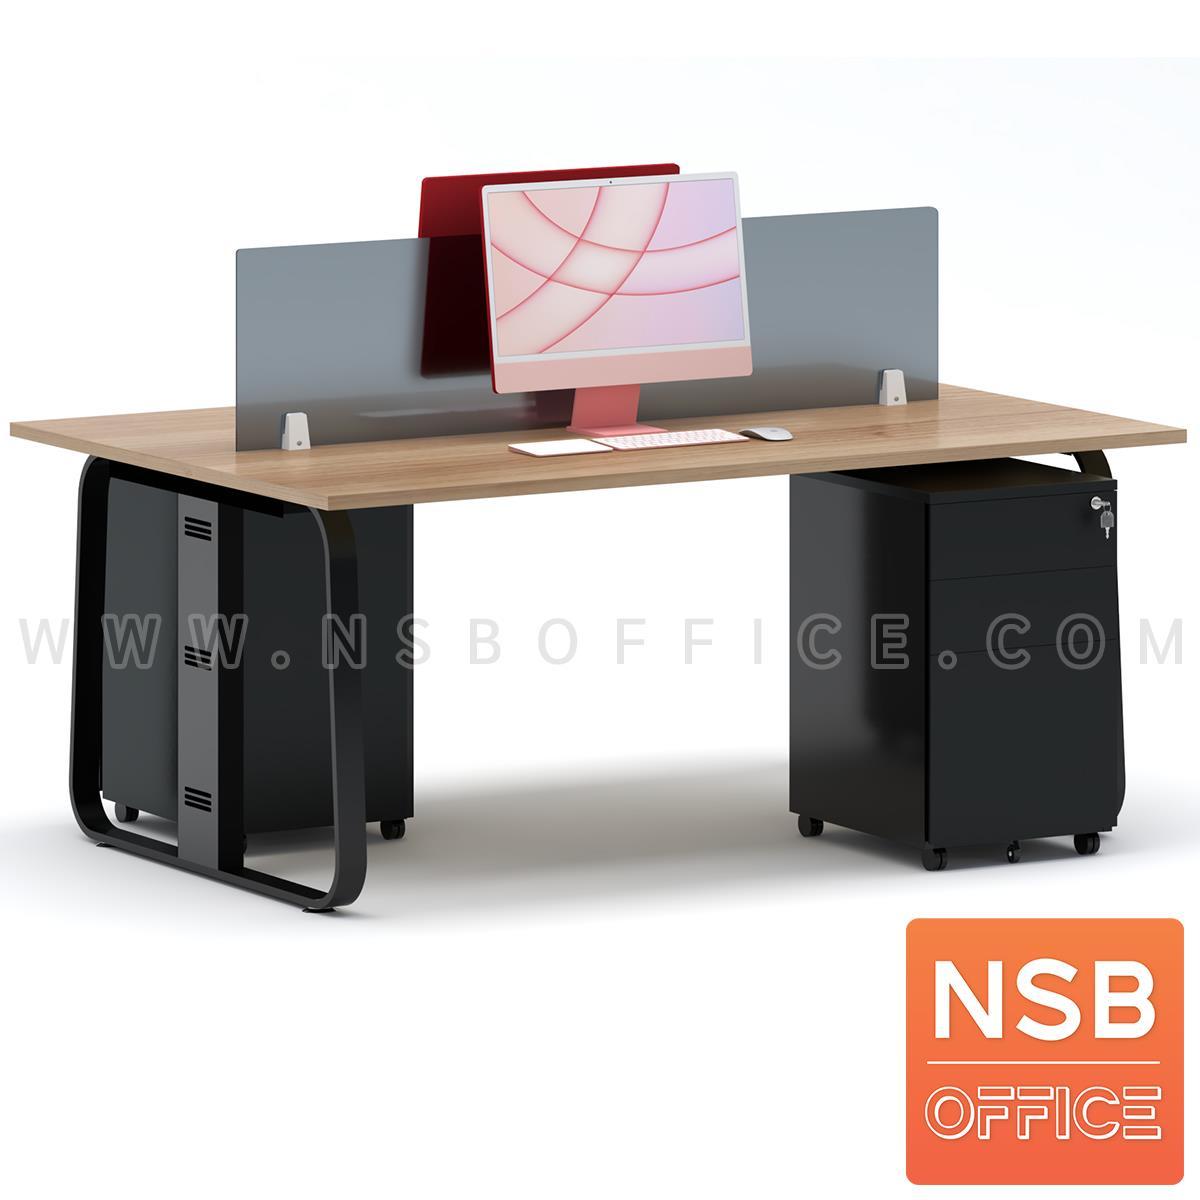 ชุดโต๊ะทำงานกลุ่มขาเหล็ก 2 ที่นั่ง รุ่น Lenka 5 (เล็งกา 5)  ขนาด 180W*120D cm พร้อมมินิสกรีนและตู้ลิ้นชักเหล็กล้อเลื่อน